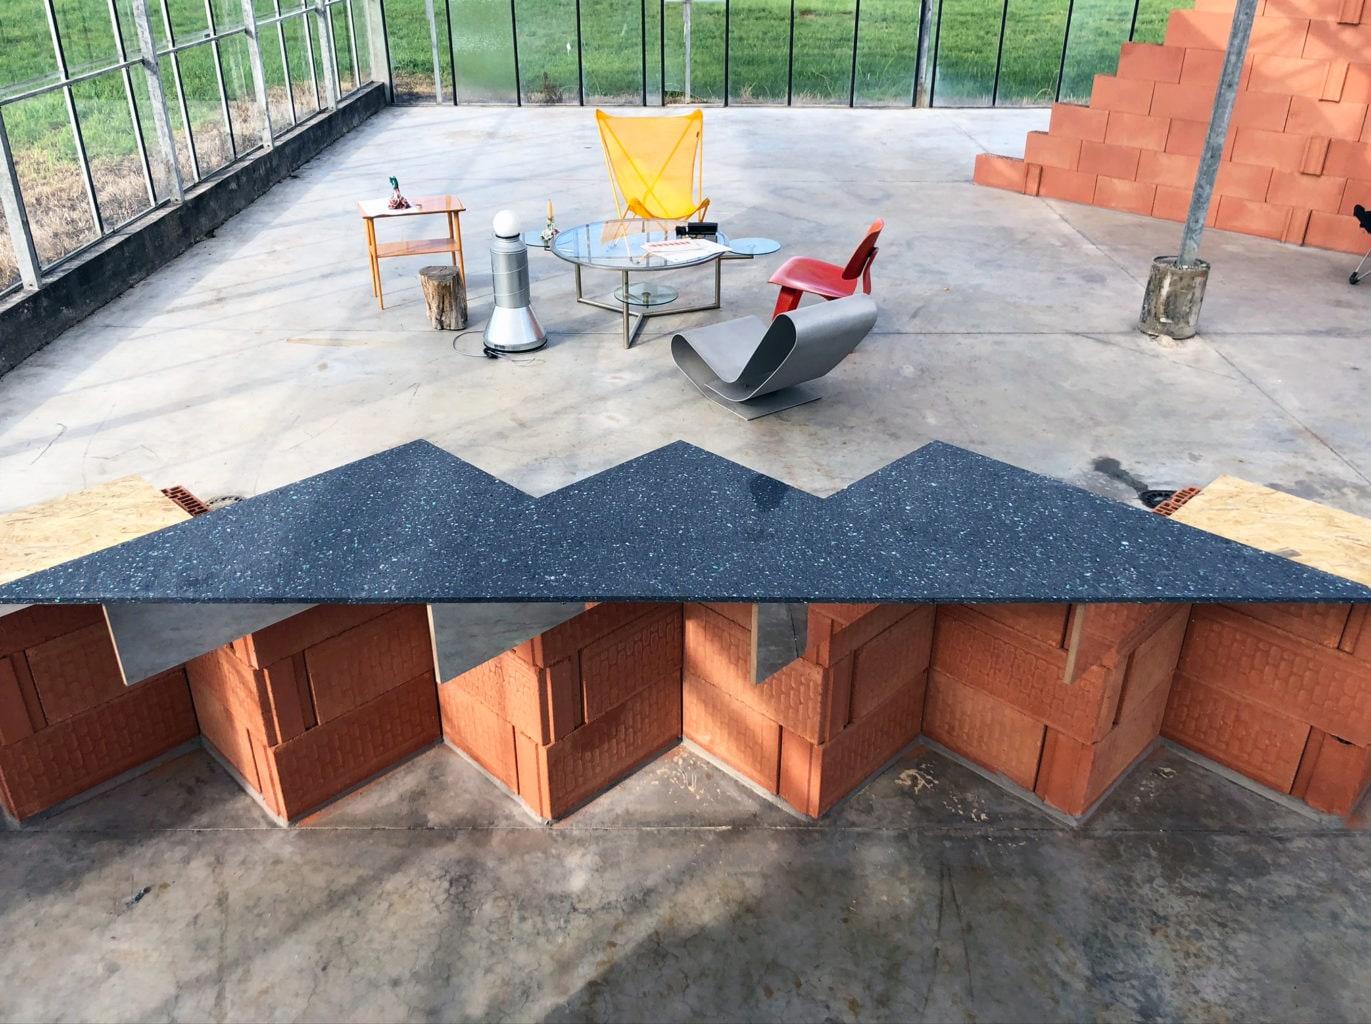 Serra, un soggiorno segreto, spazio multifunzionale di 1.000 mq di Theo De Meyer e Stefanie Everaert nella campagna di Gand, Belgio.